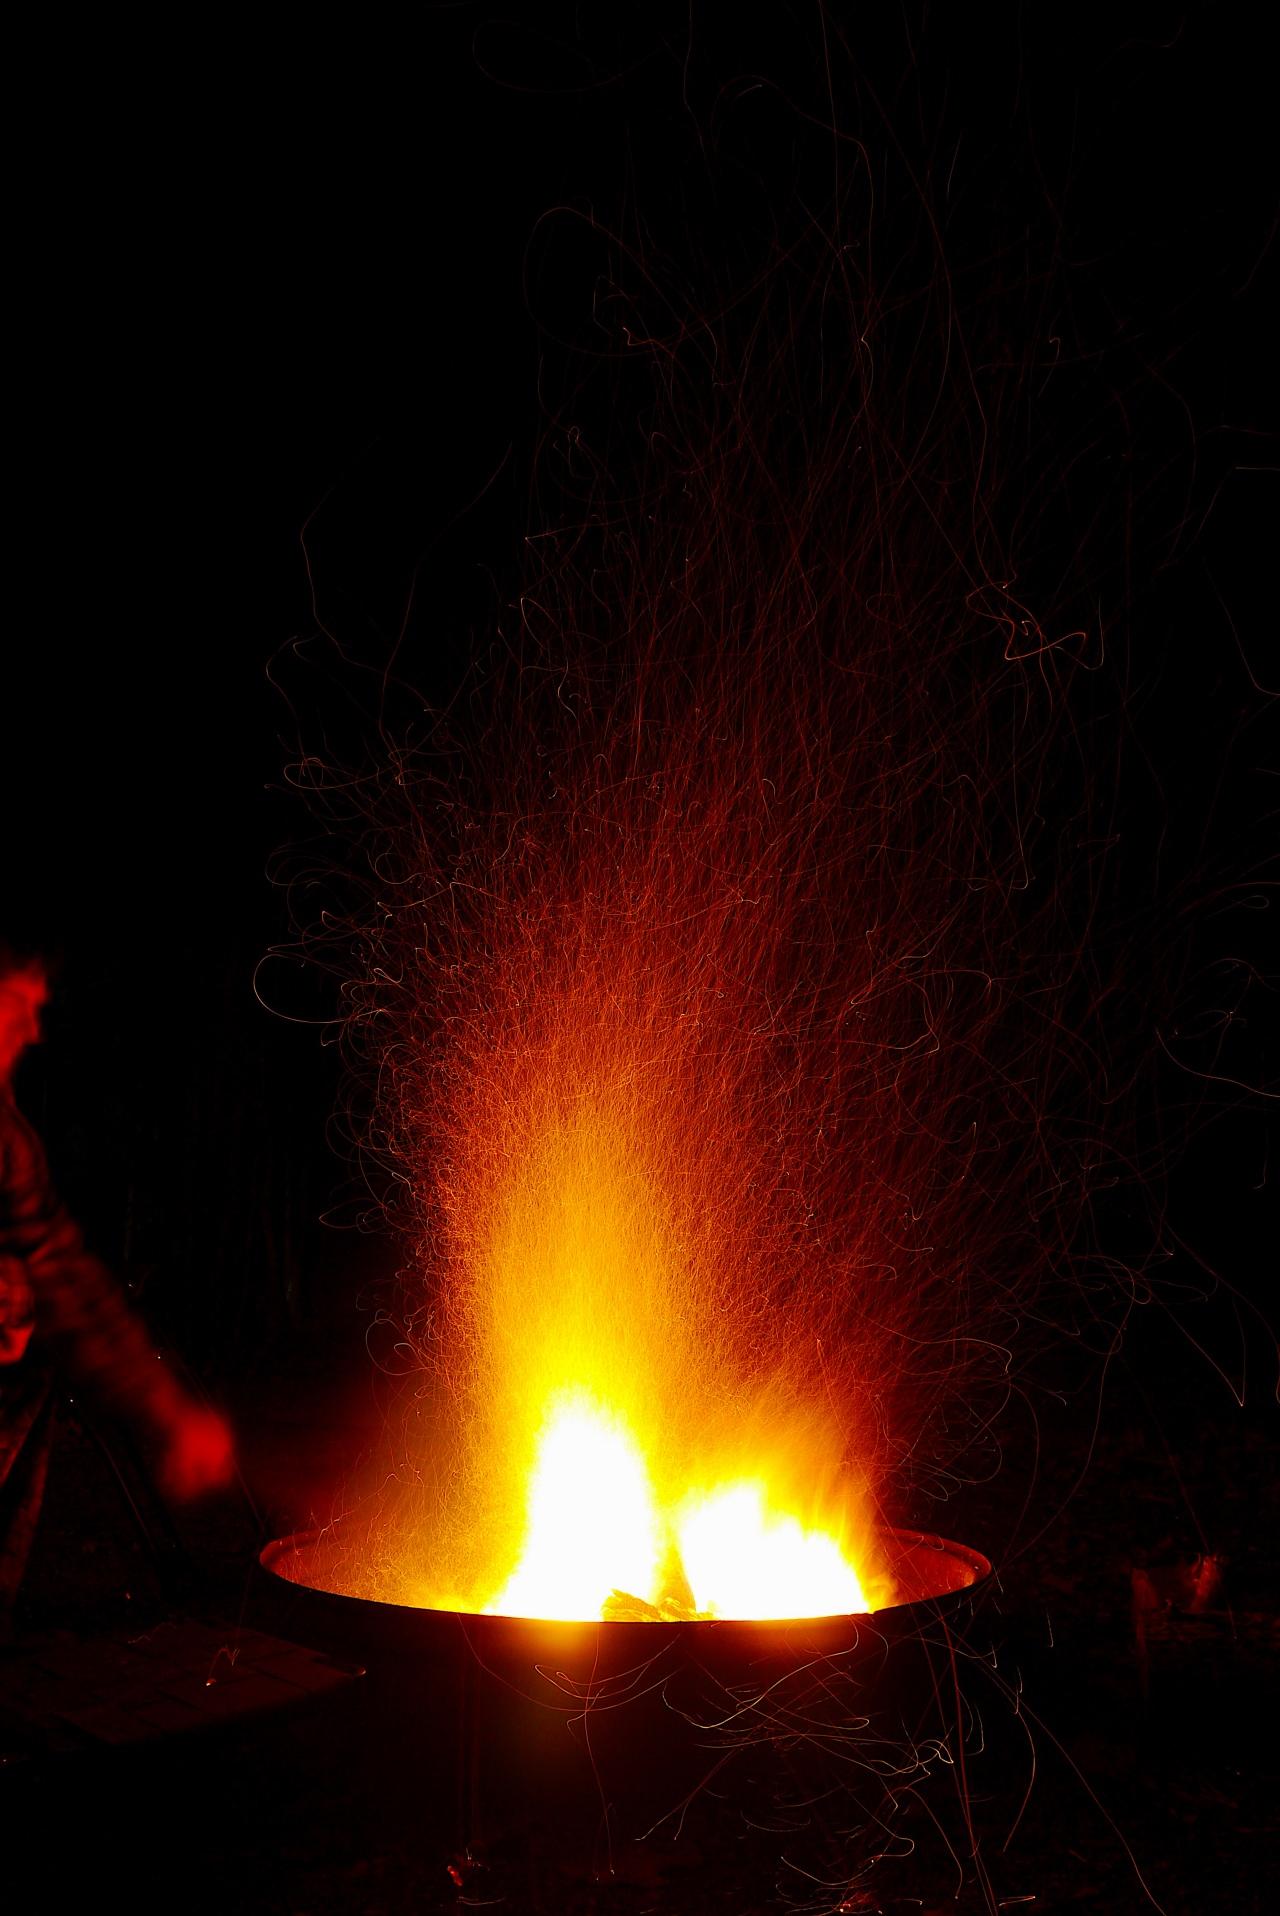 #20: Fantastic Fire